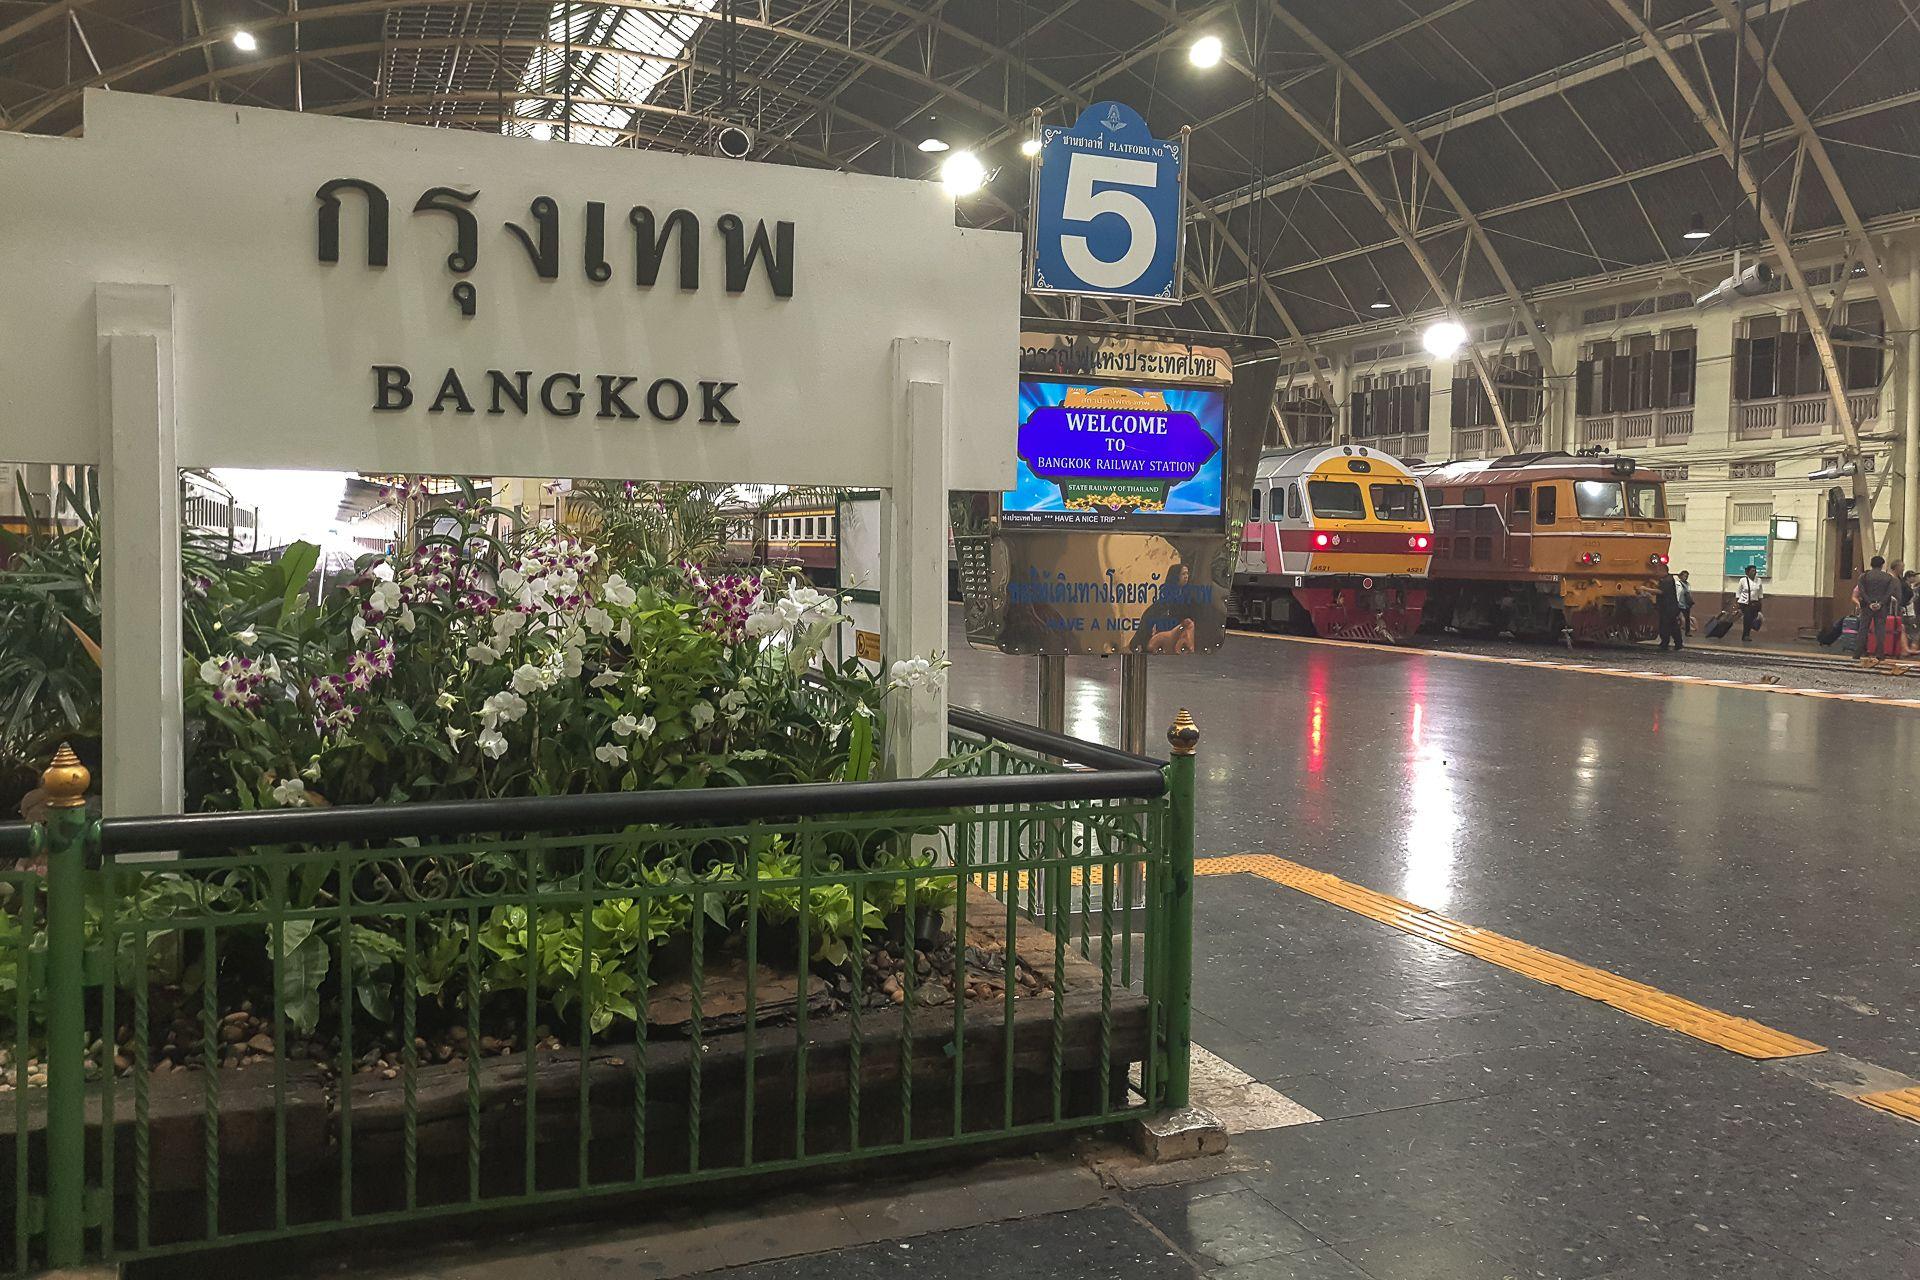 поезд, жд вокзал, Бангкок, тайские поезда, поезд в Таиланде, Азия, железная дорога в Таиланде, train, Bangkok